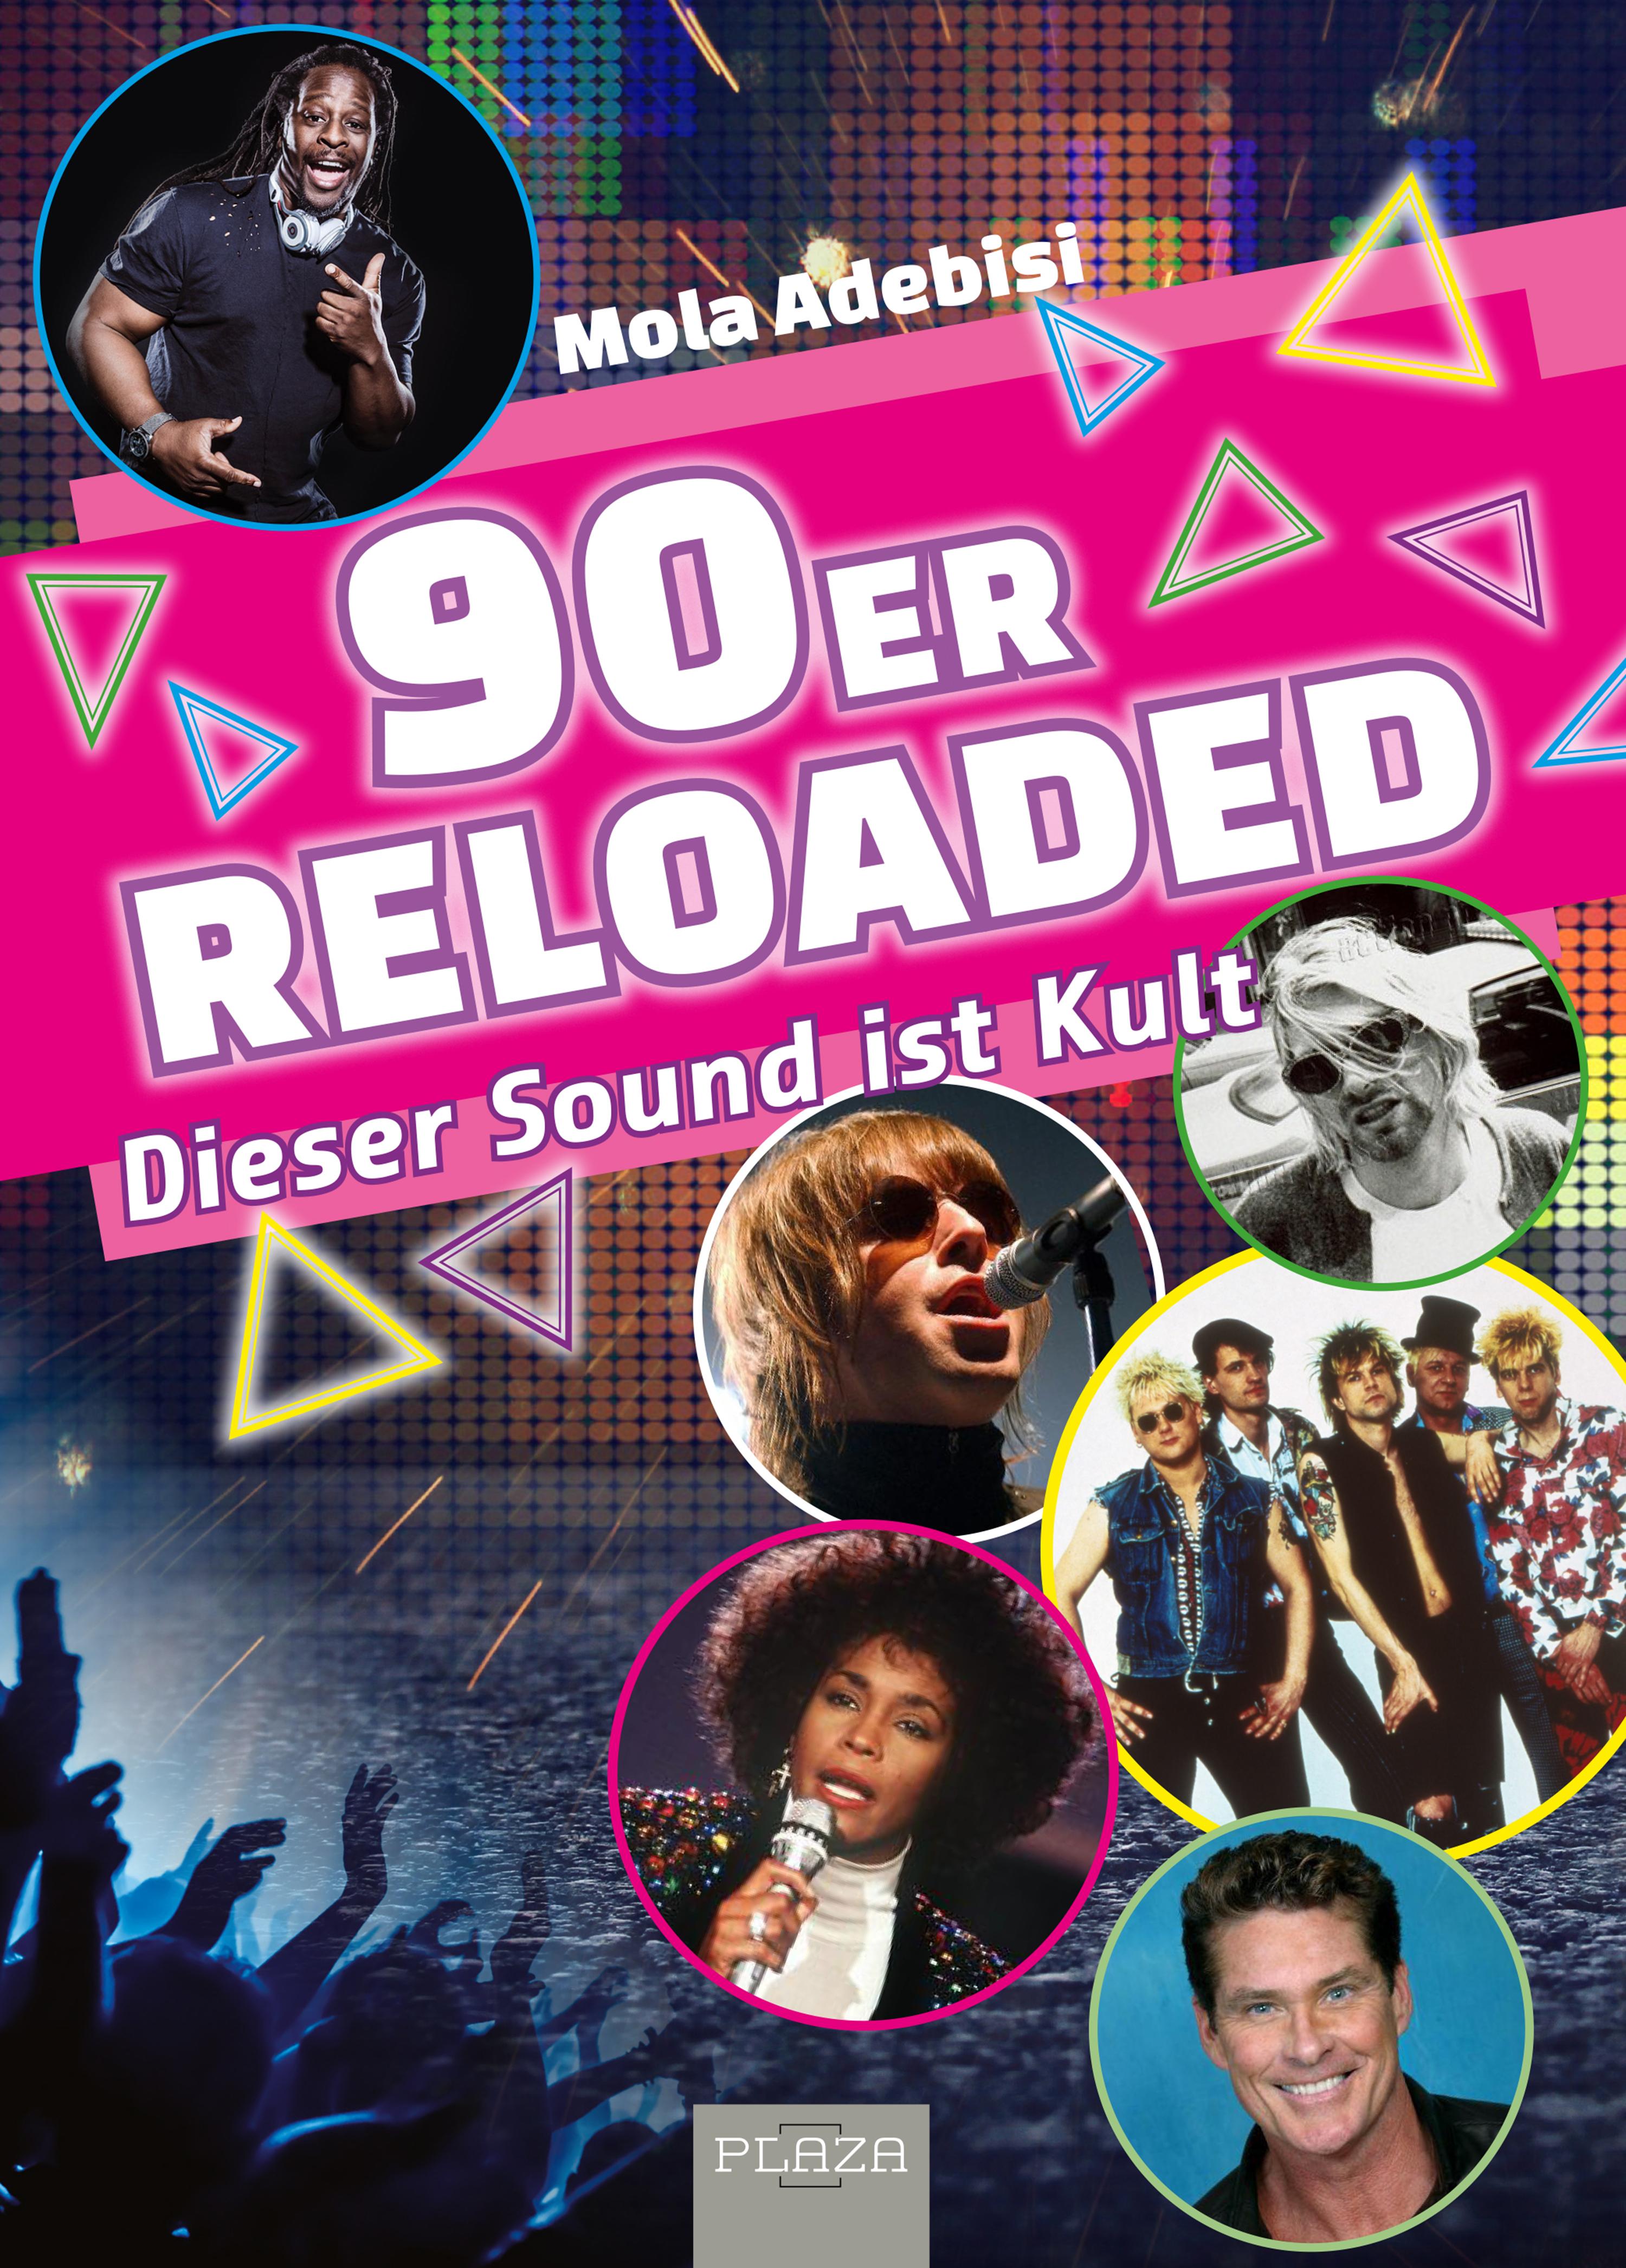 цена Mola Adebisi 90er reloaded